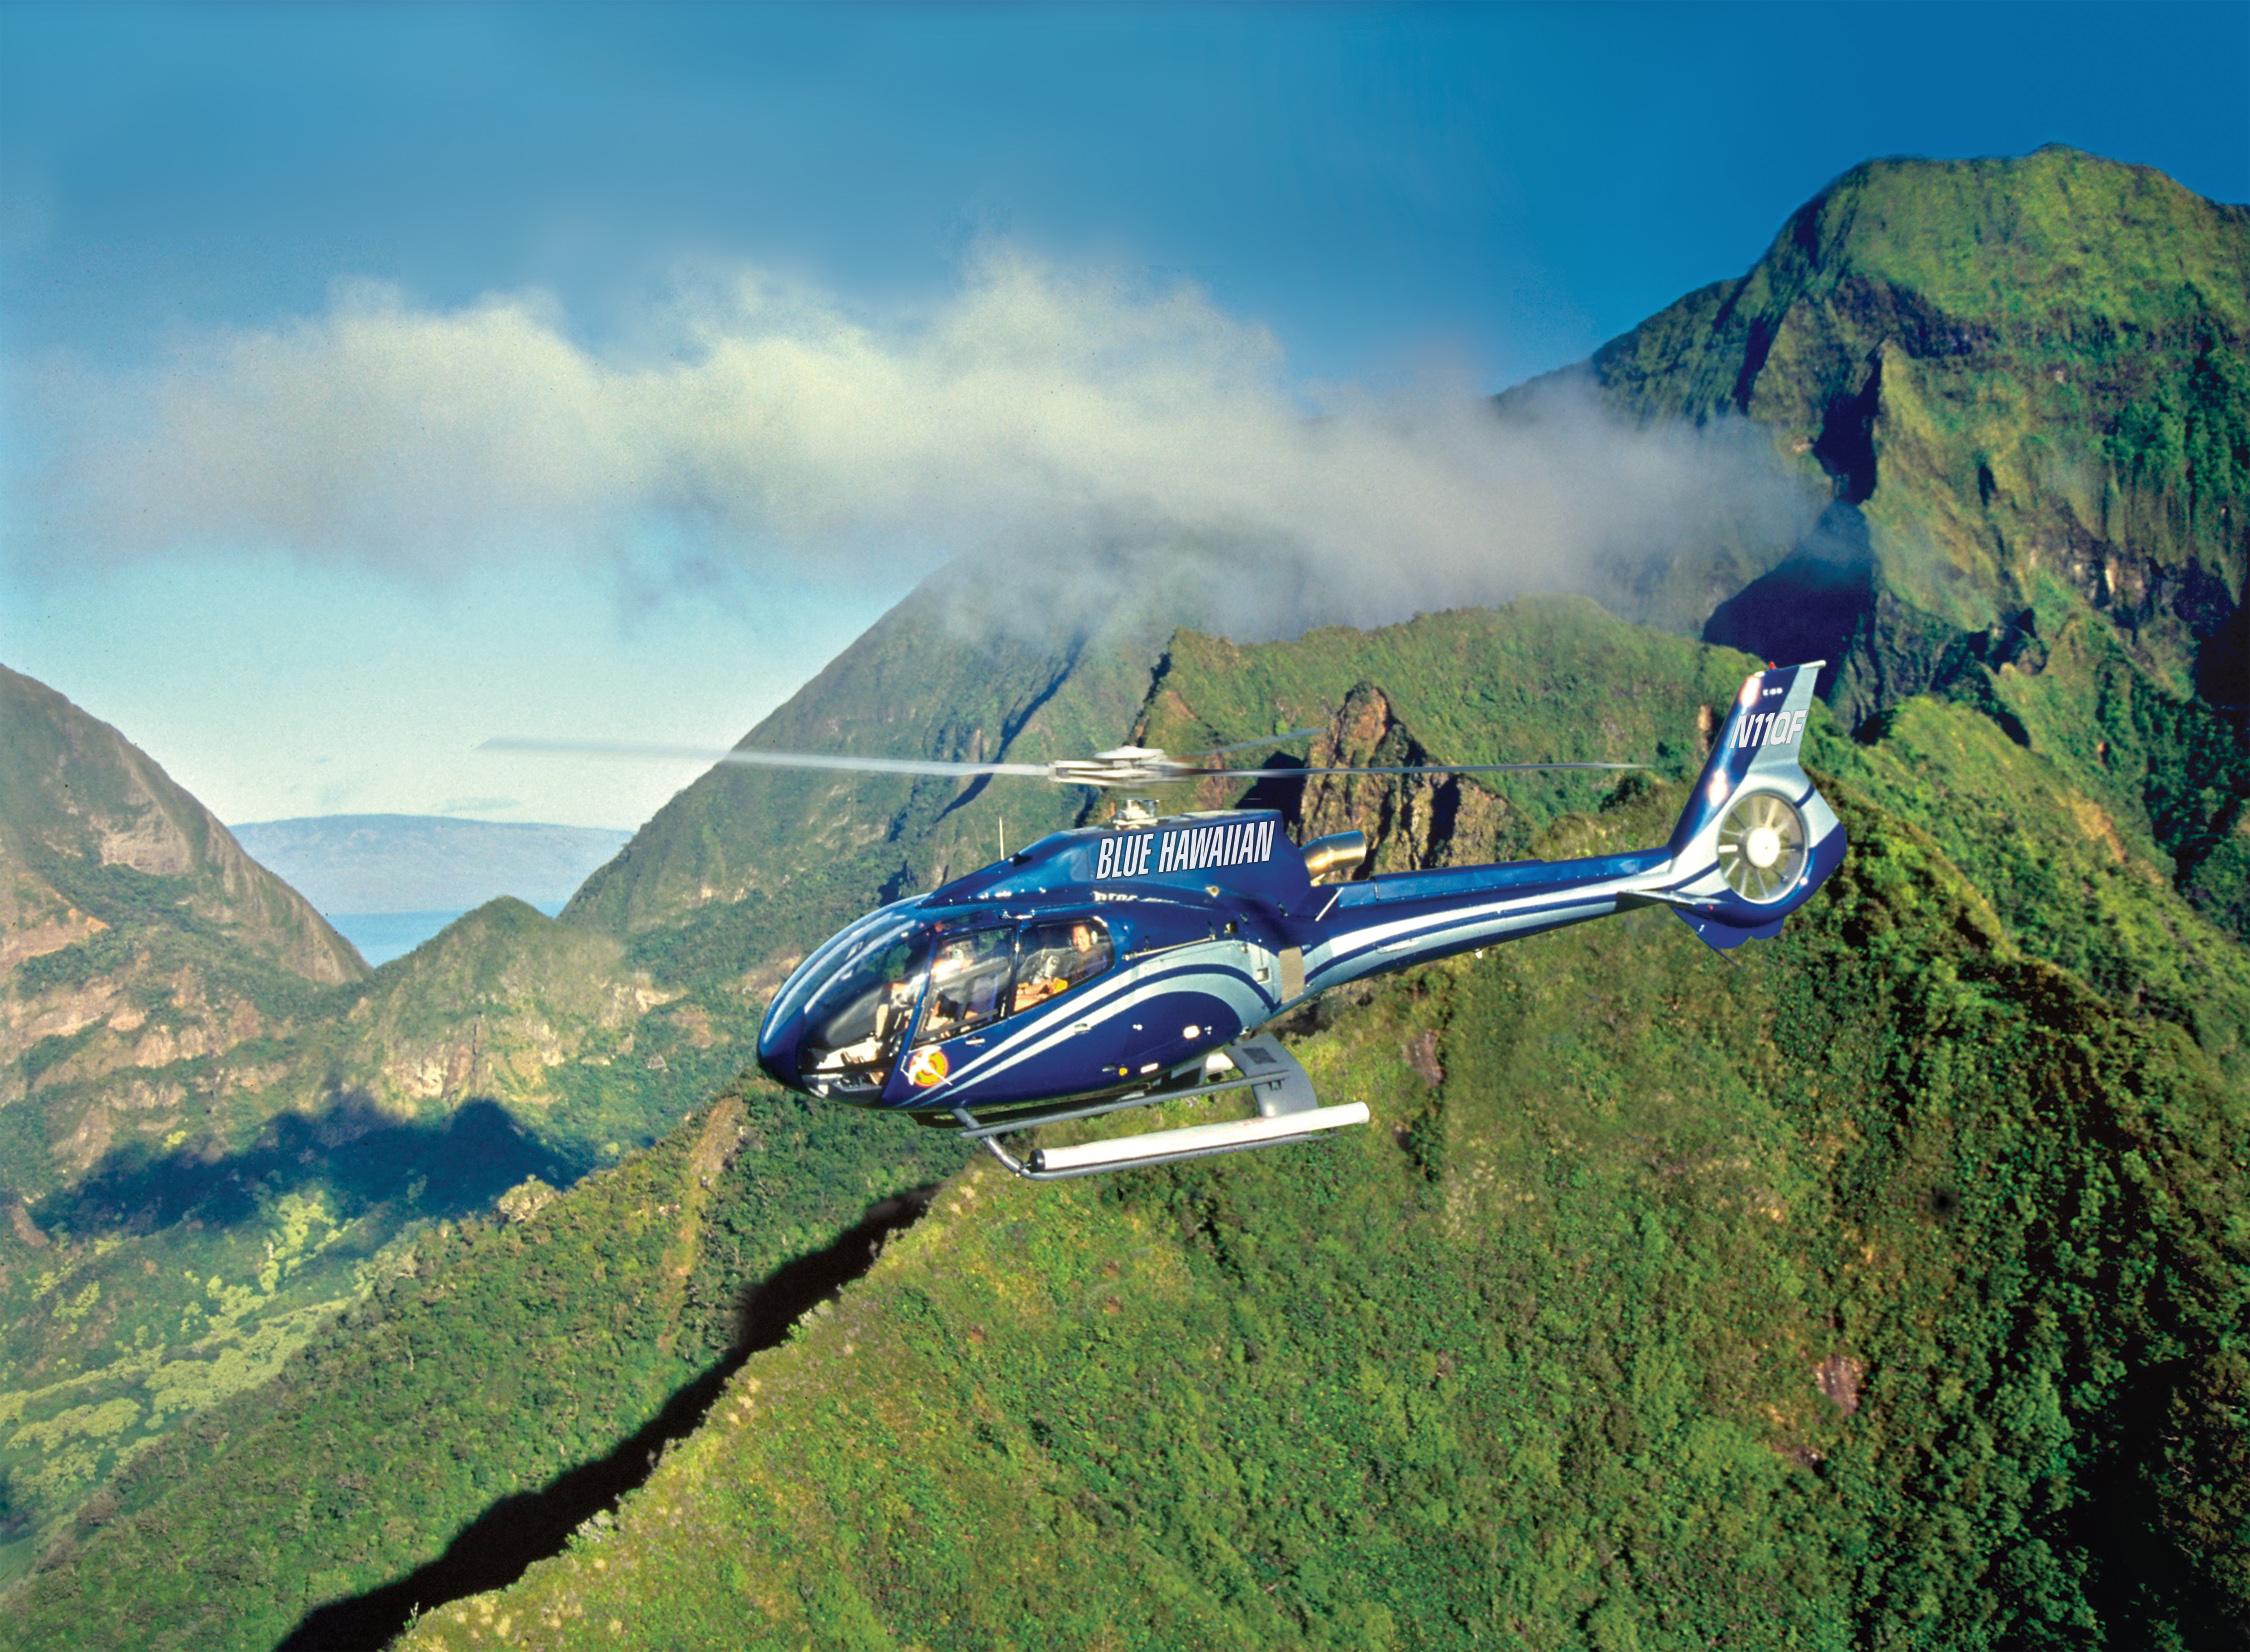 하와이 헬리콥터 투어 (빅아일랜드, 오아후, 마오이, 카우아이 섬 선택 가능)